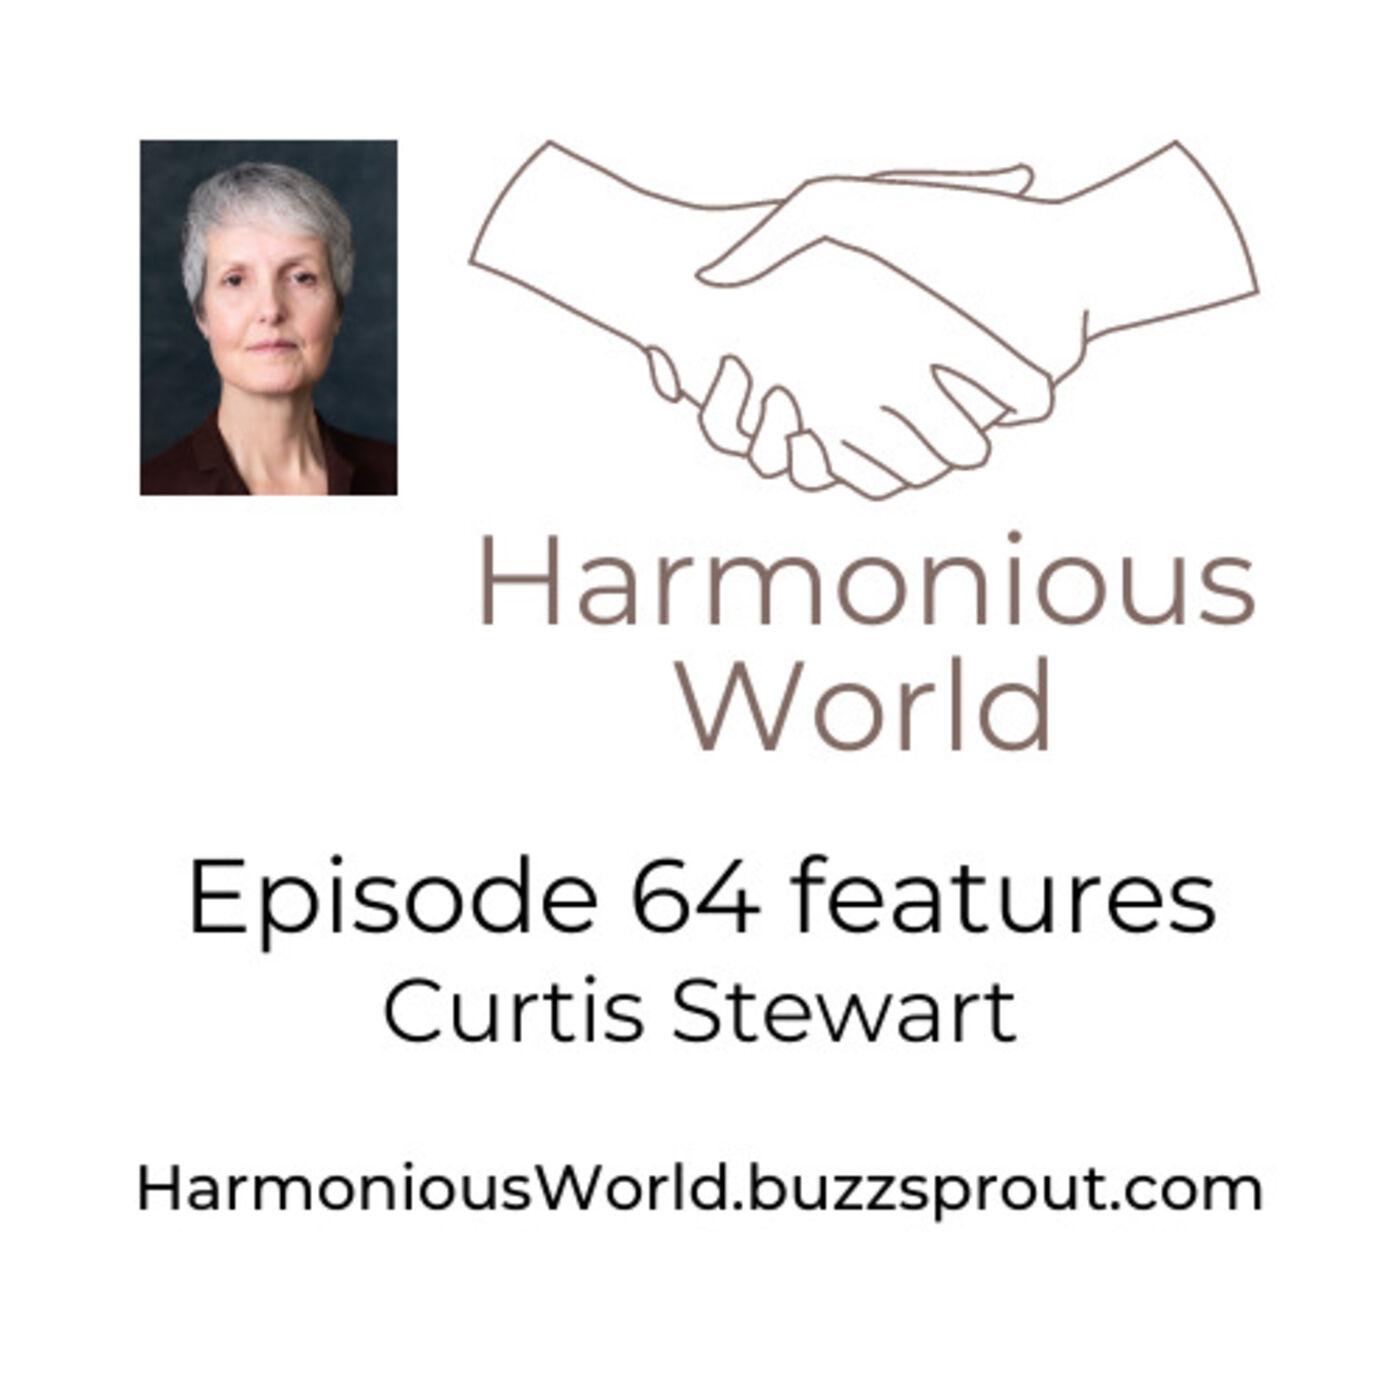 Curtis Stewart